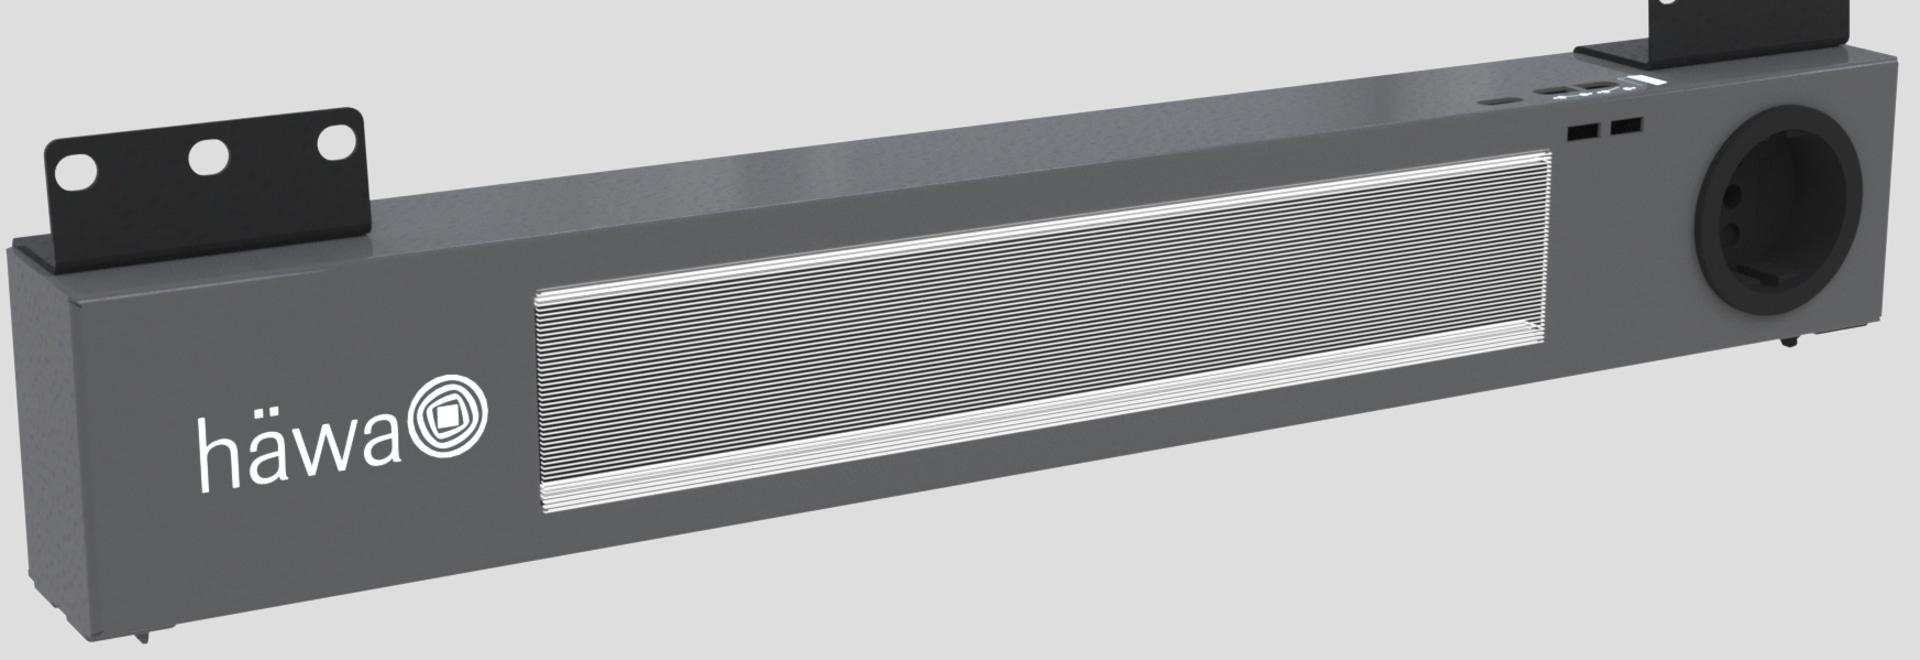 Sensor operado por LED de luz del gabinete de control  häwa